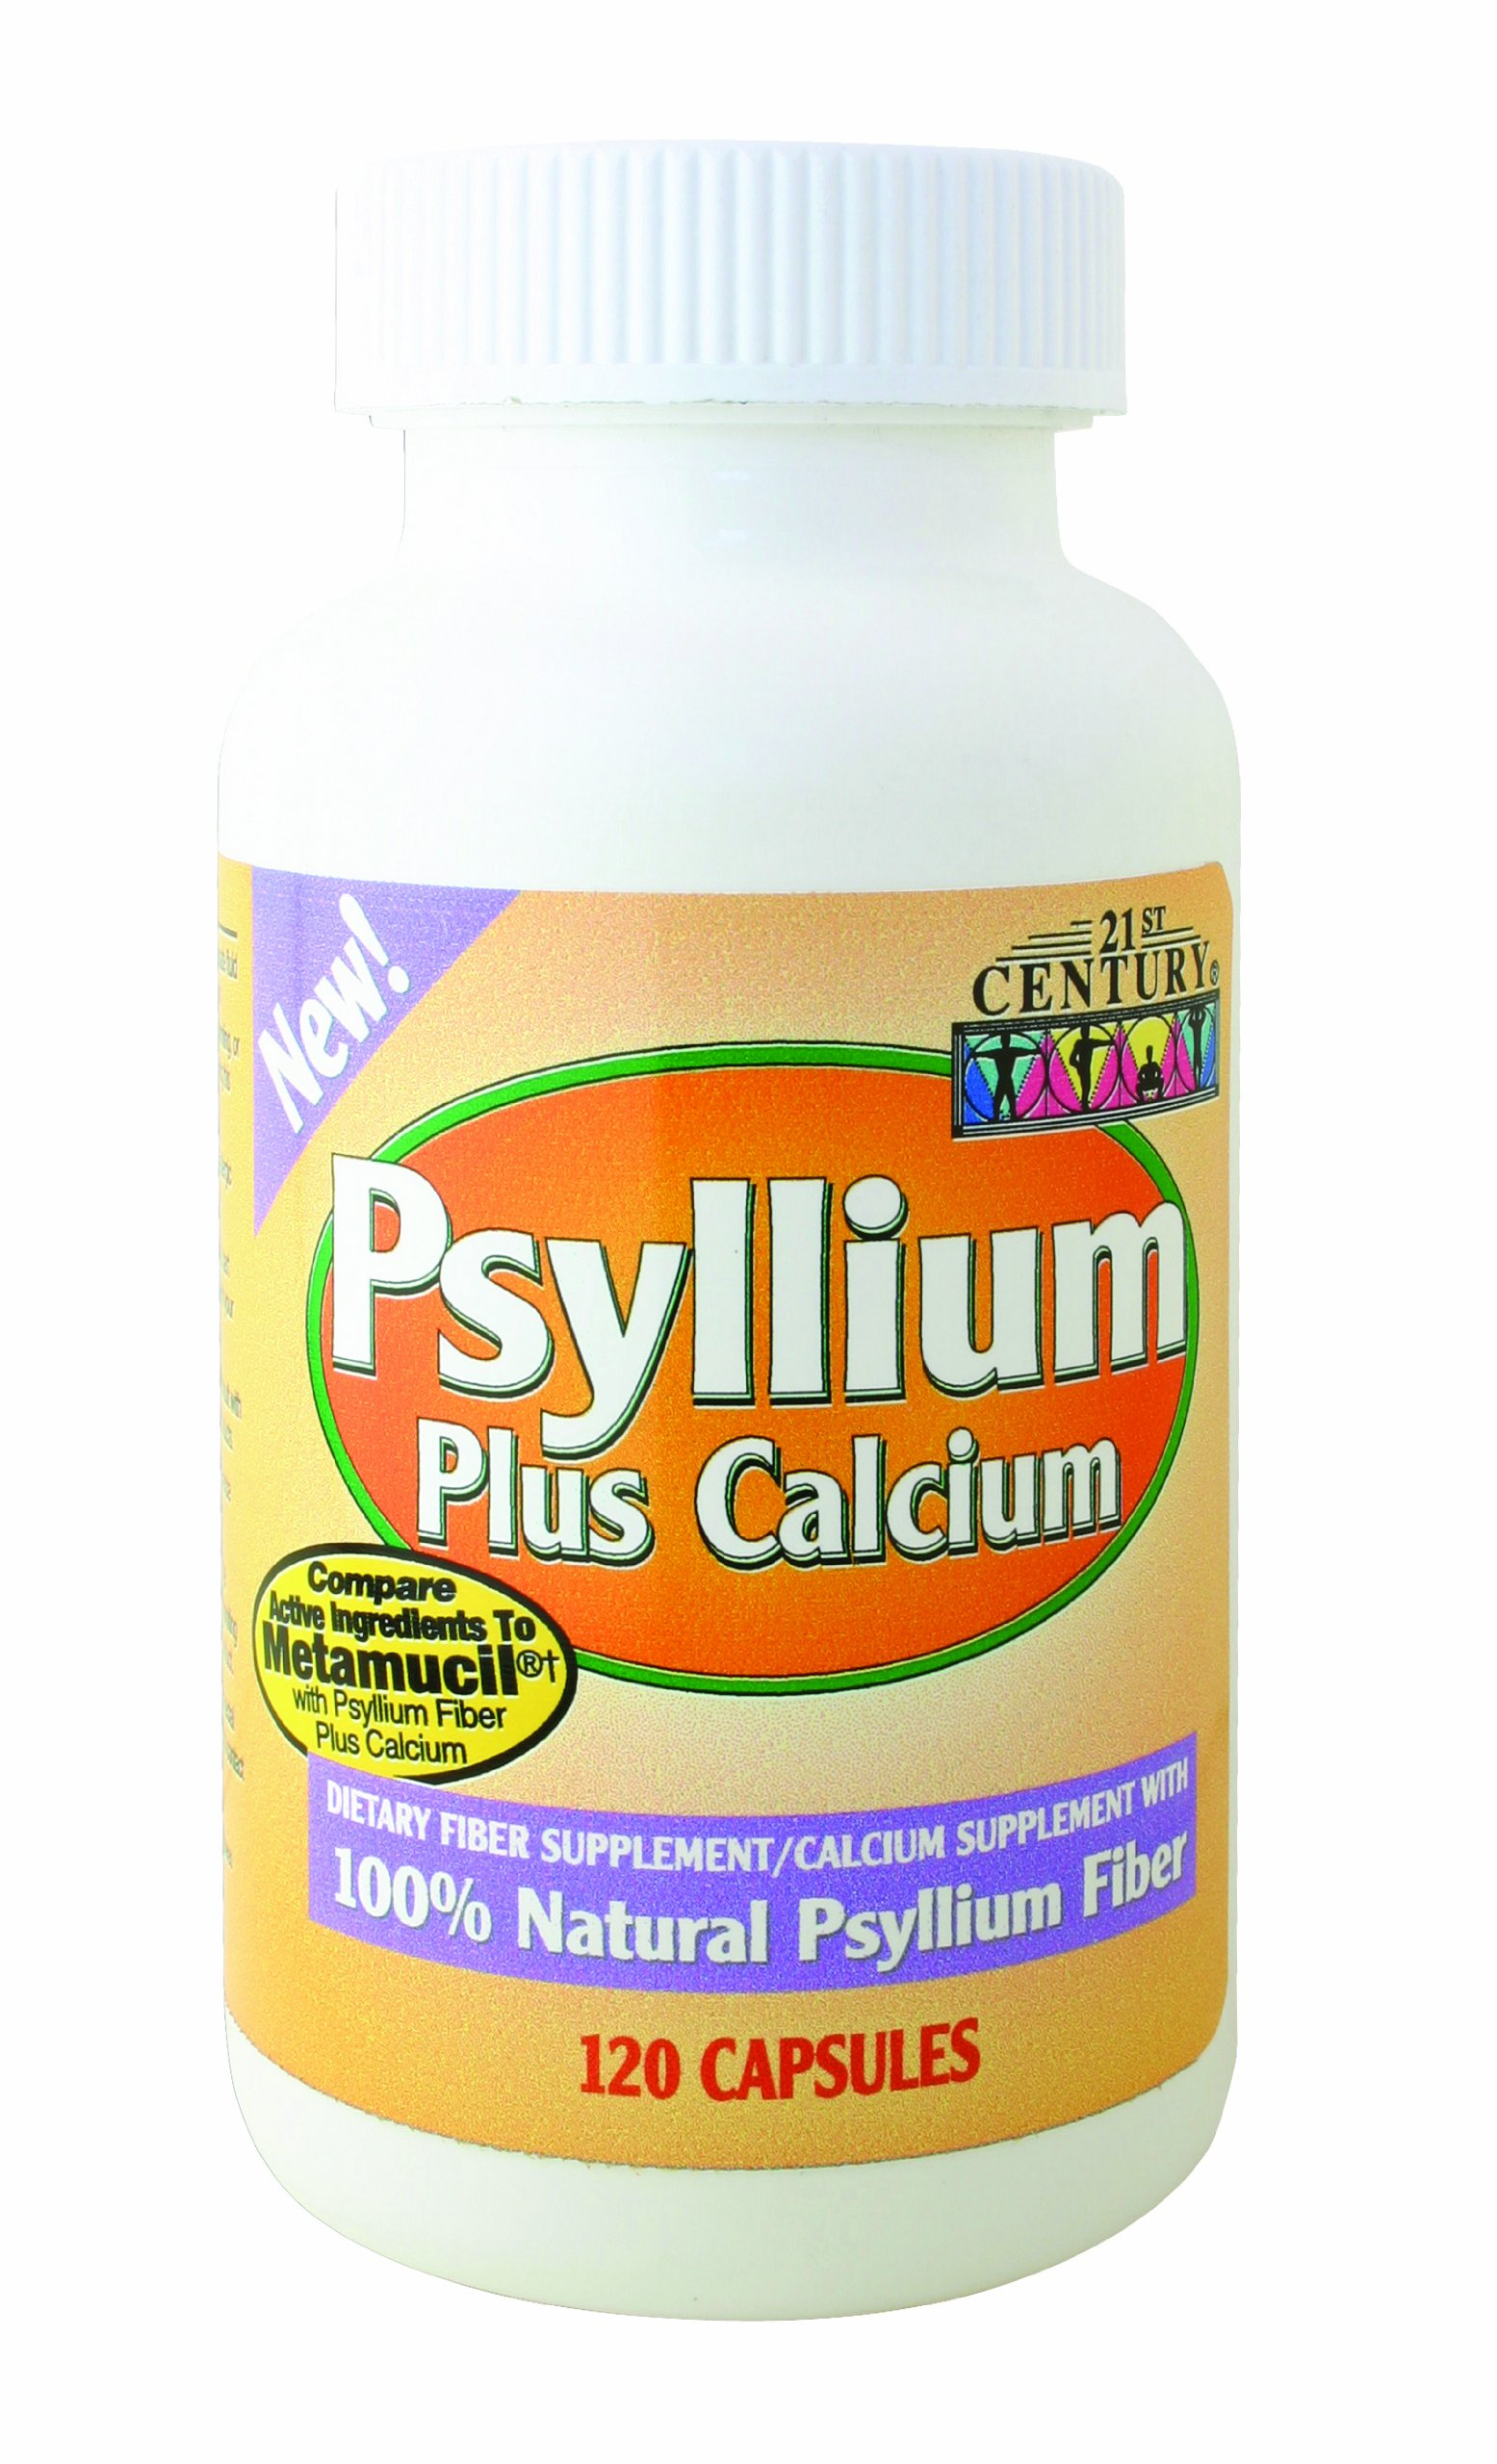 21st Century Psyllium Plus Calcium, 120 Capsules (Pack of 2)